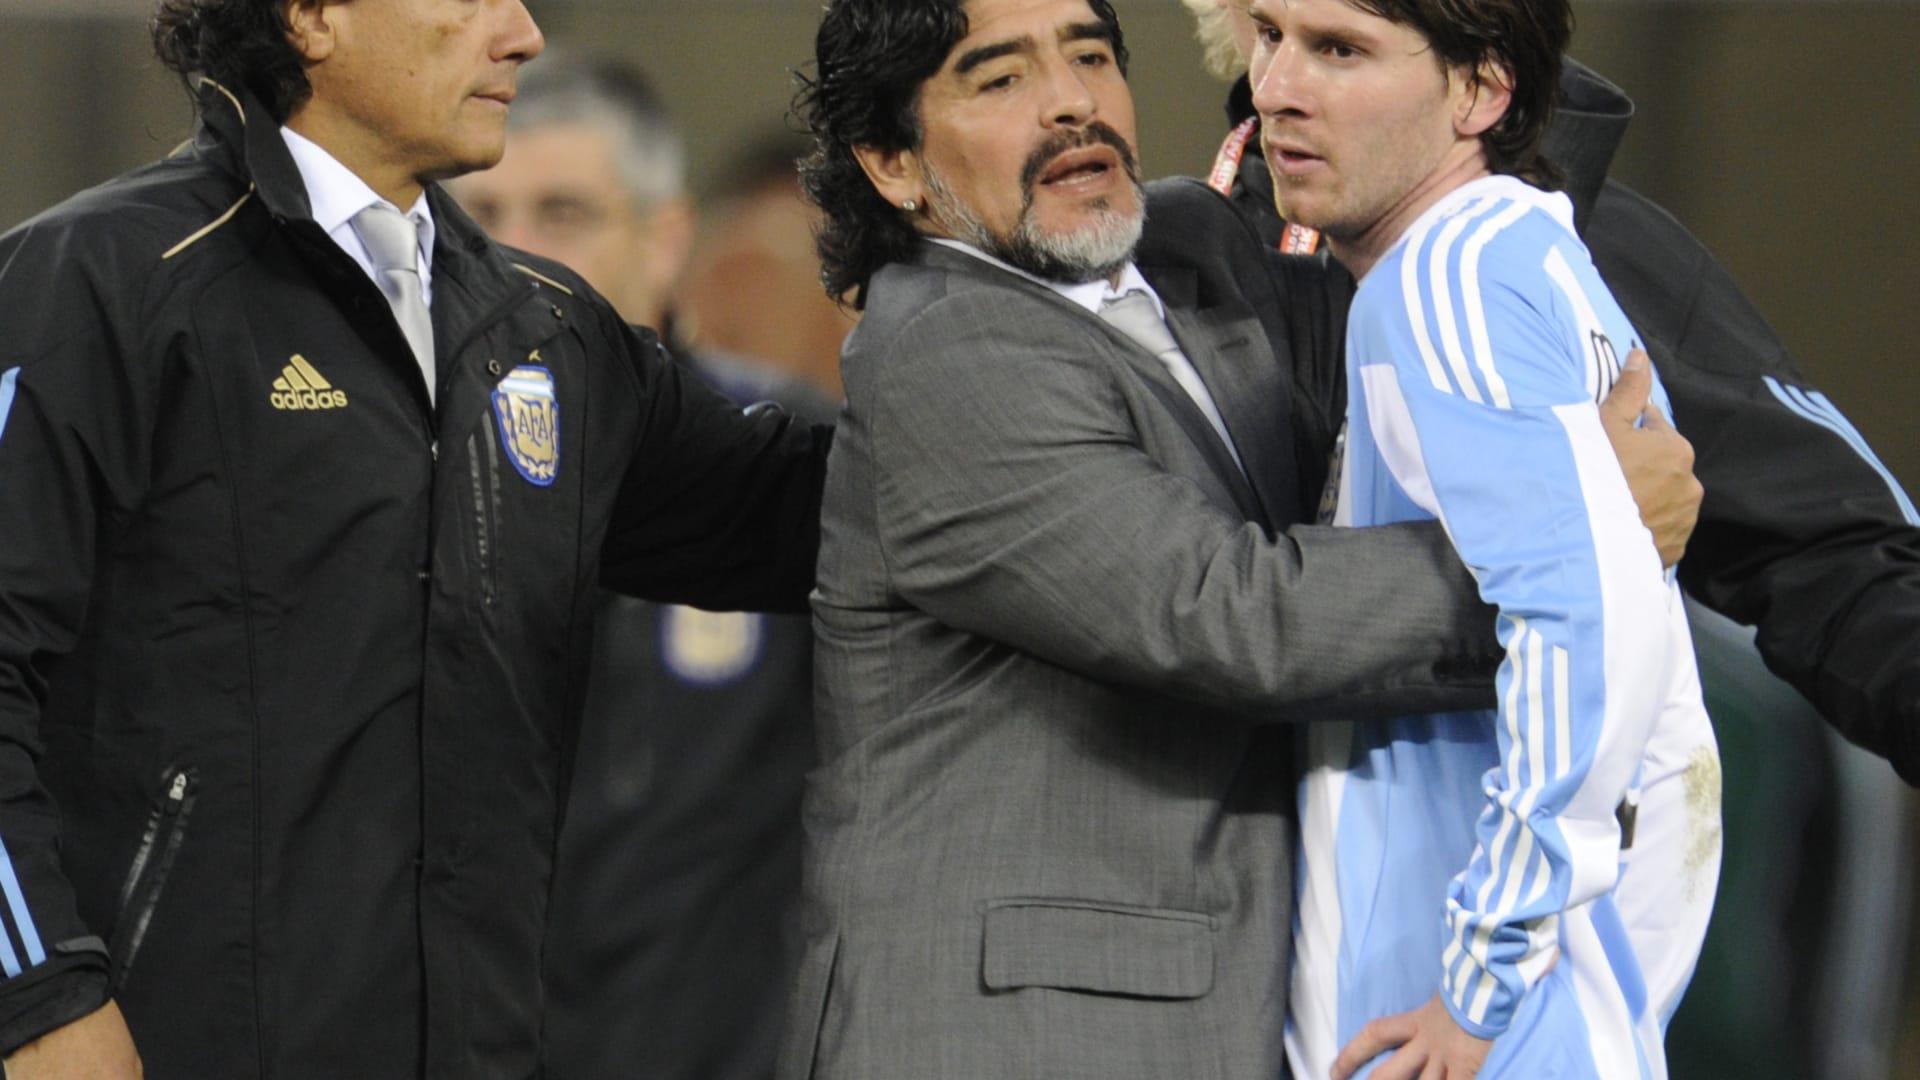 مارادونا يسقط منفعلا أثناء مباراة فريقه.. ومغردون يتعاطفون